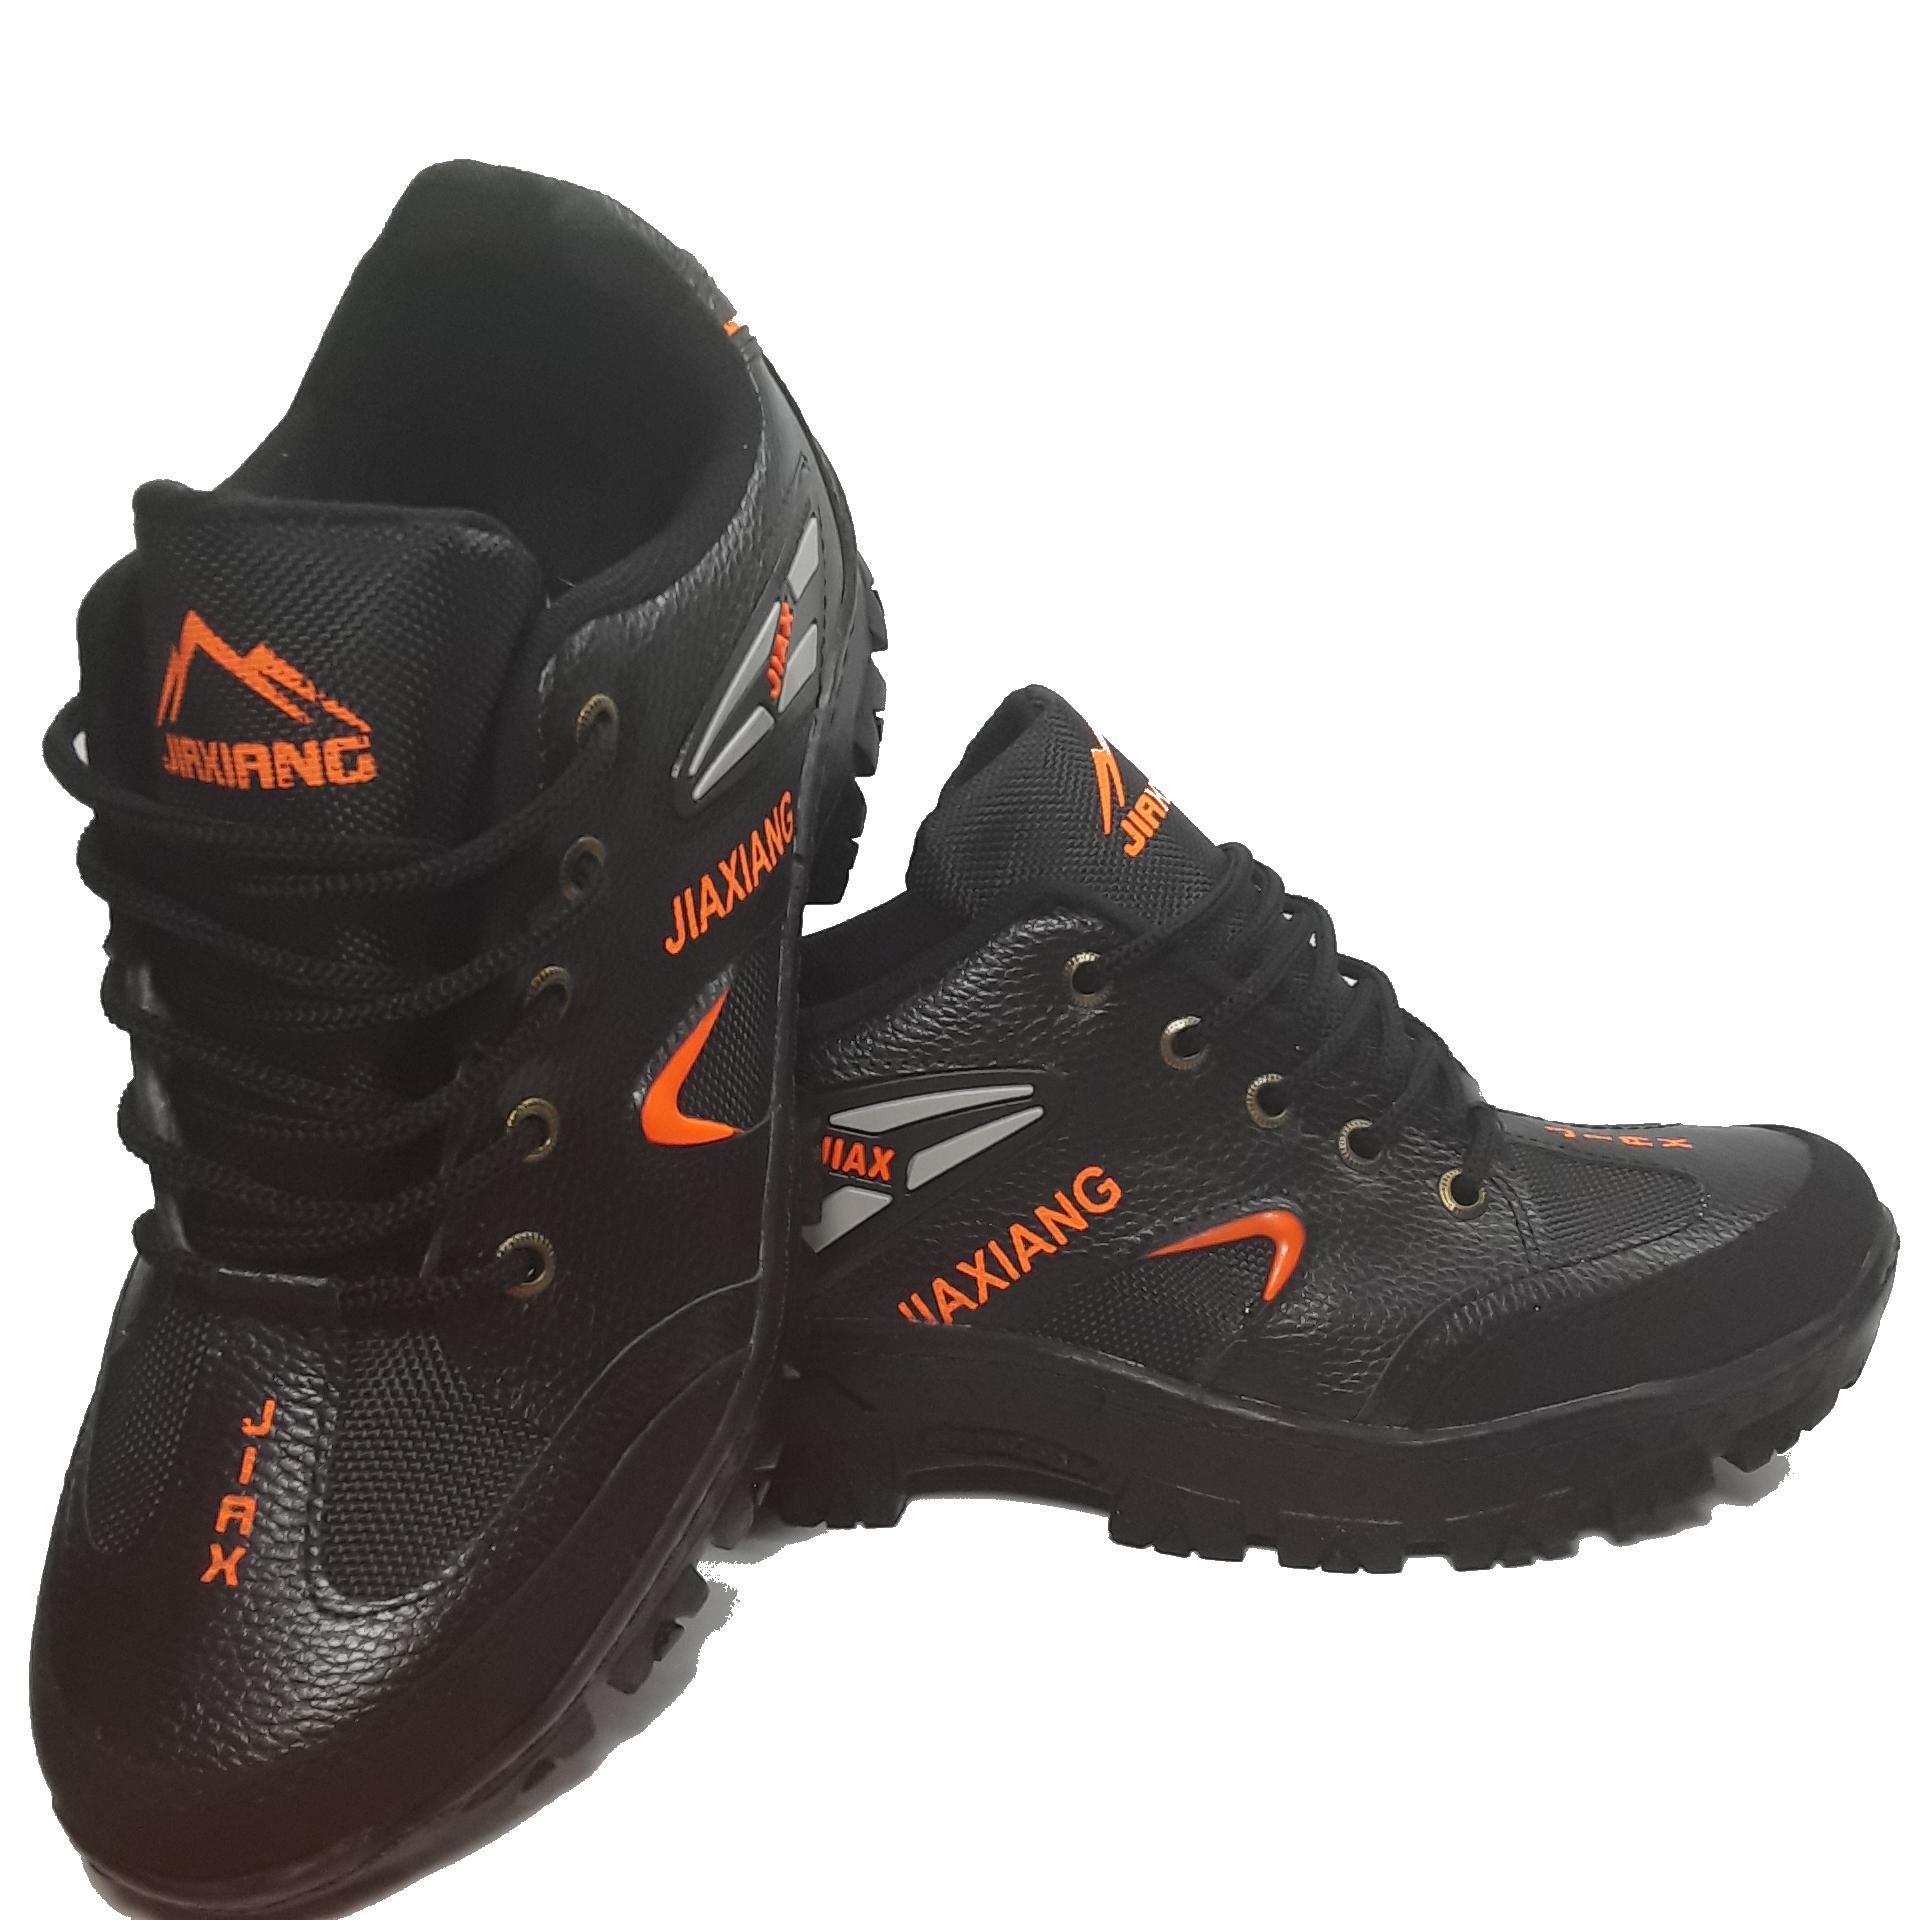 خرید                                      کفش کوهنوردی مردانه مدل J-001                     غیر اصل